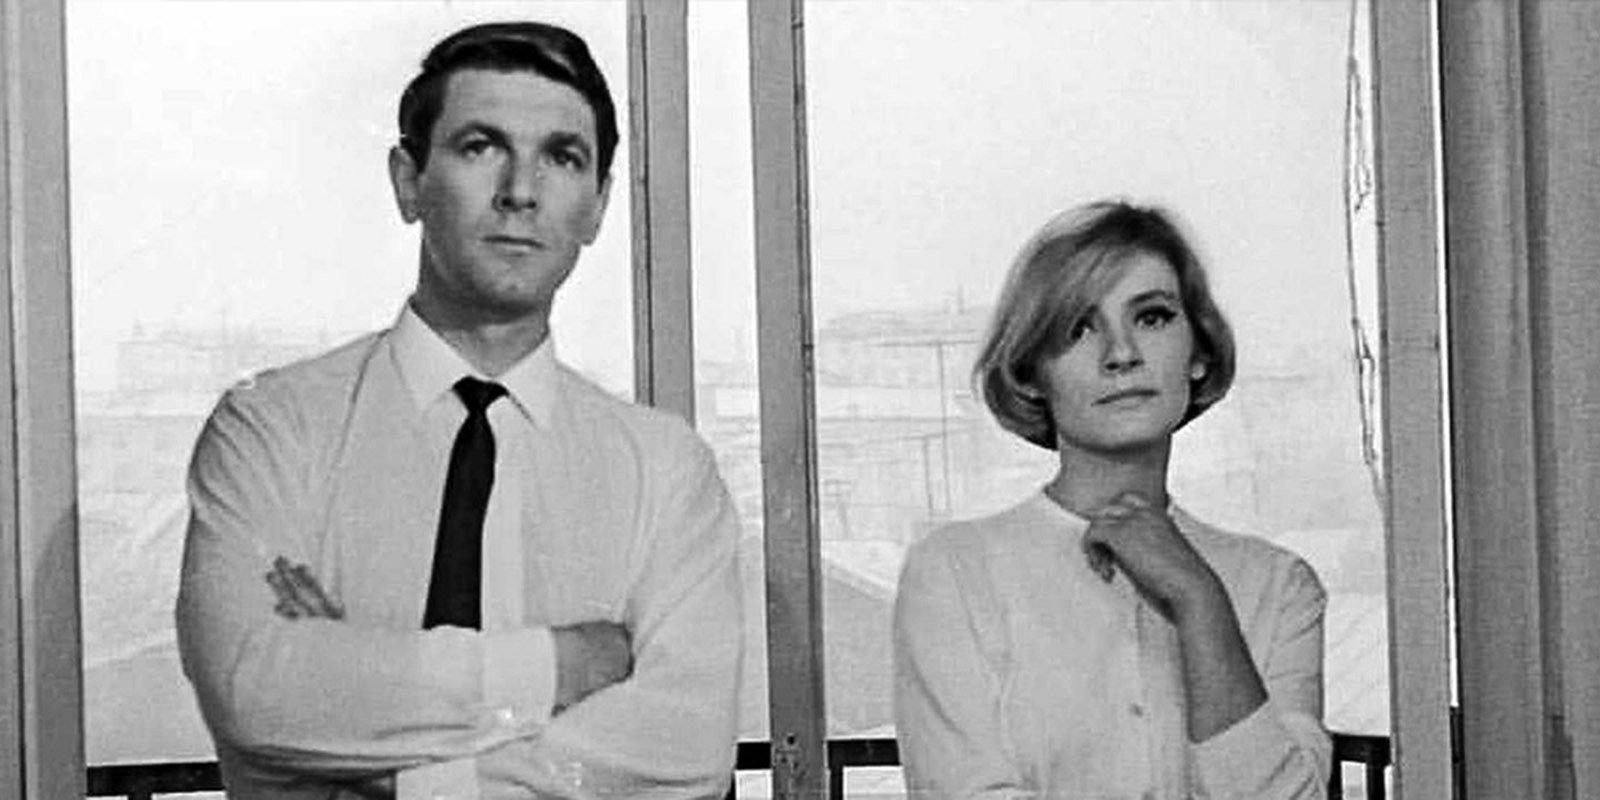 Кадр из фильма «Июльский дождь». Режиссер Марлен Хуциев. 1966 год